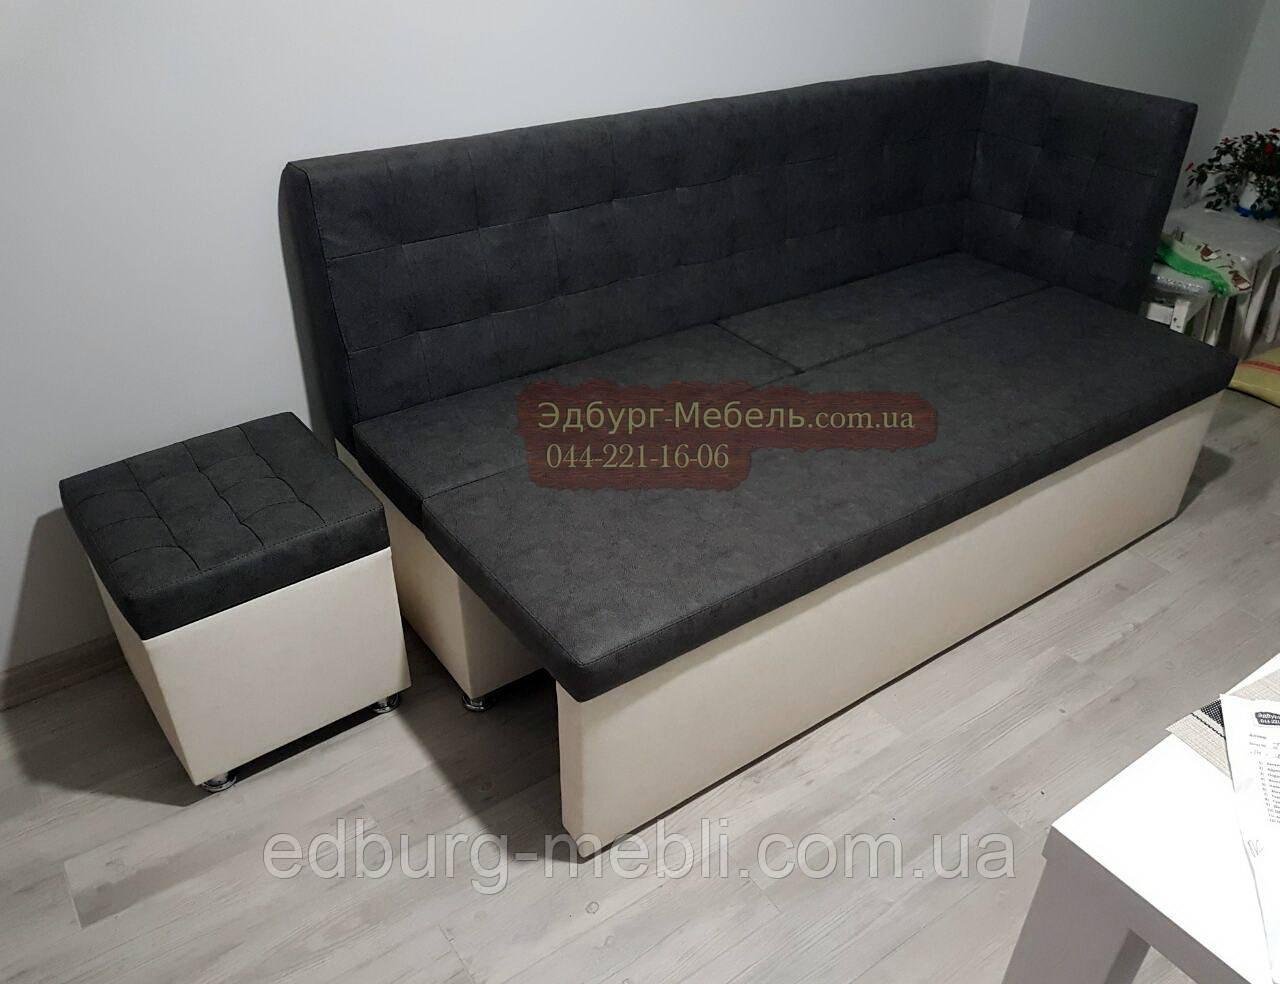 Диван  Пегас Квадро с ящиком и спальным местом 1900х600х900мм, фото 1